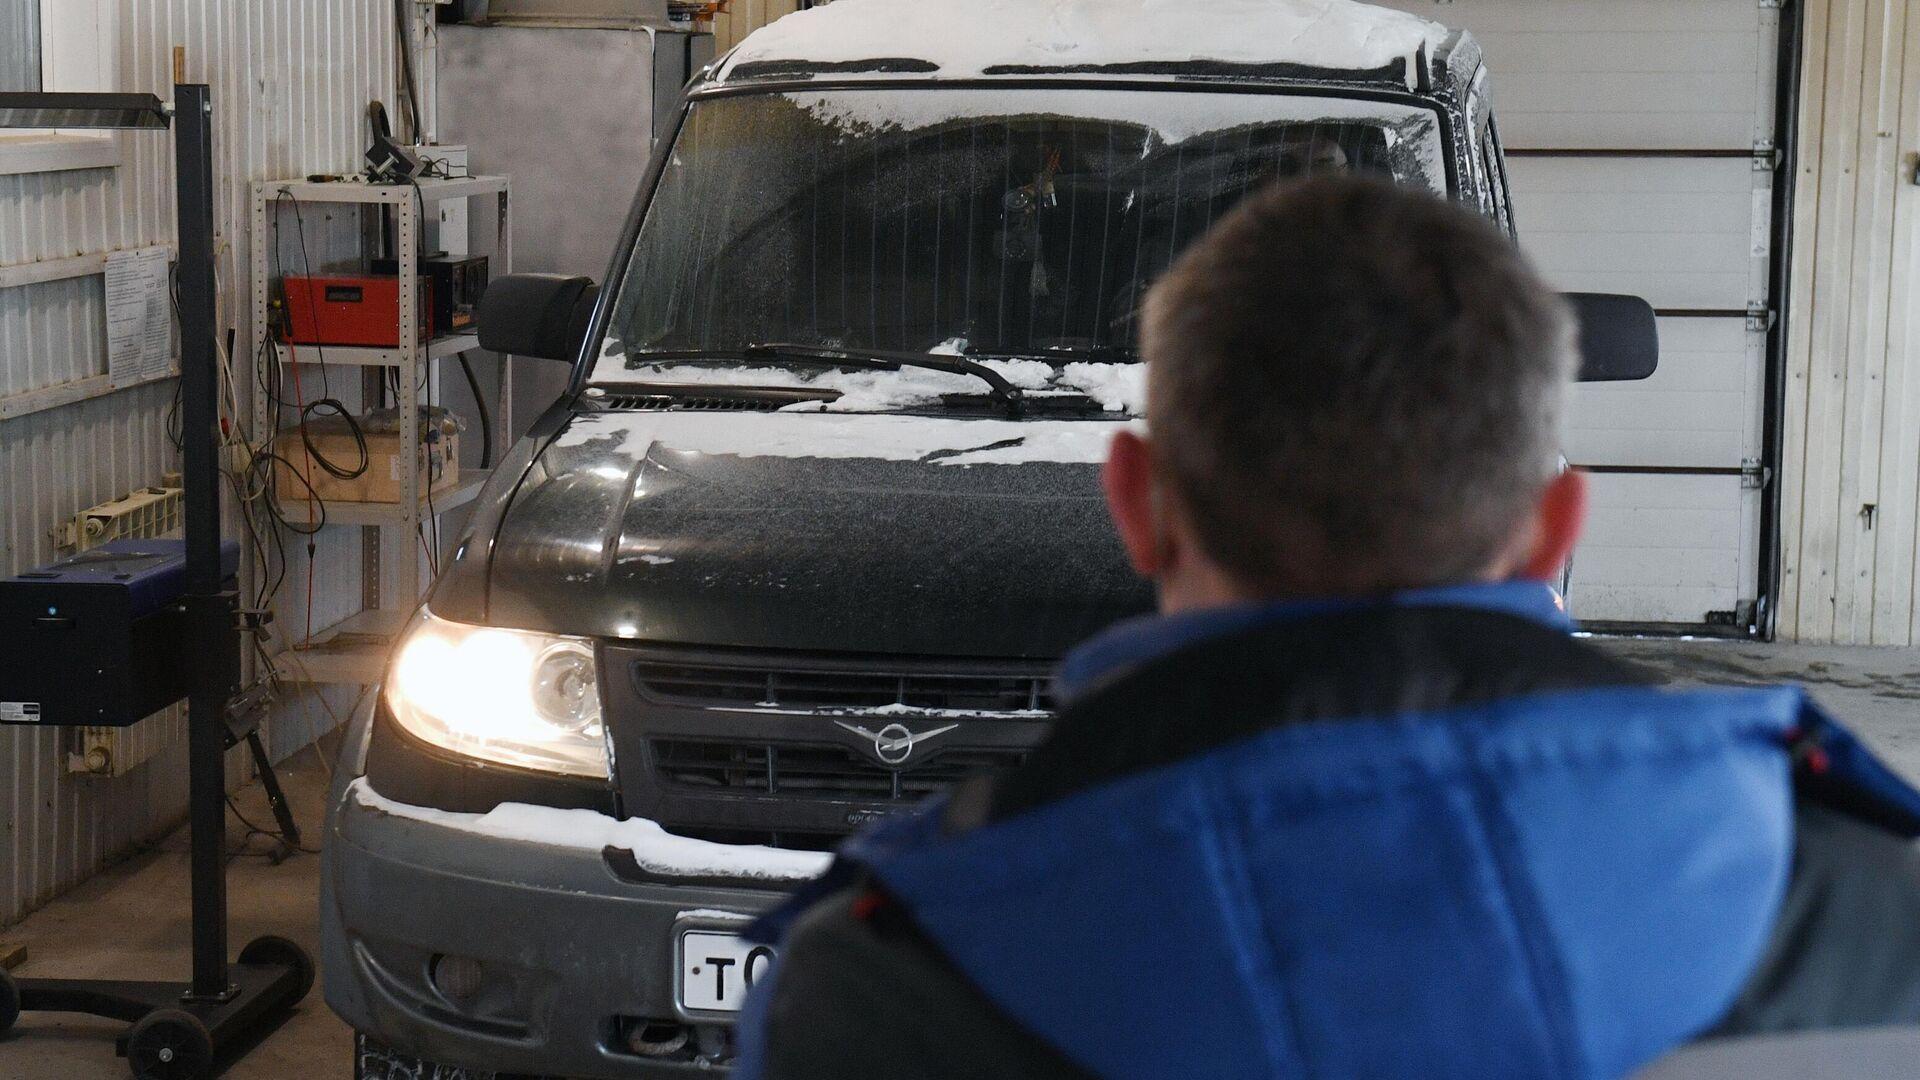 Технический эксперт проводит осмотр автомобиля на пункте технического осмотра  - РИА Новости, 1920, 01.05.2021